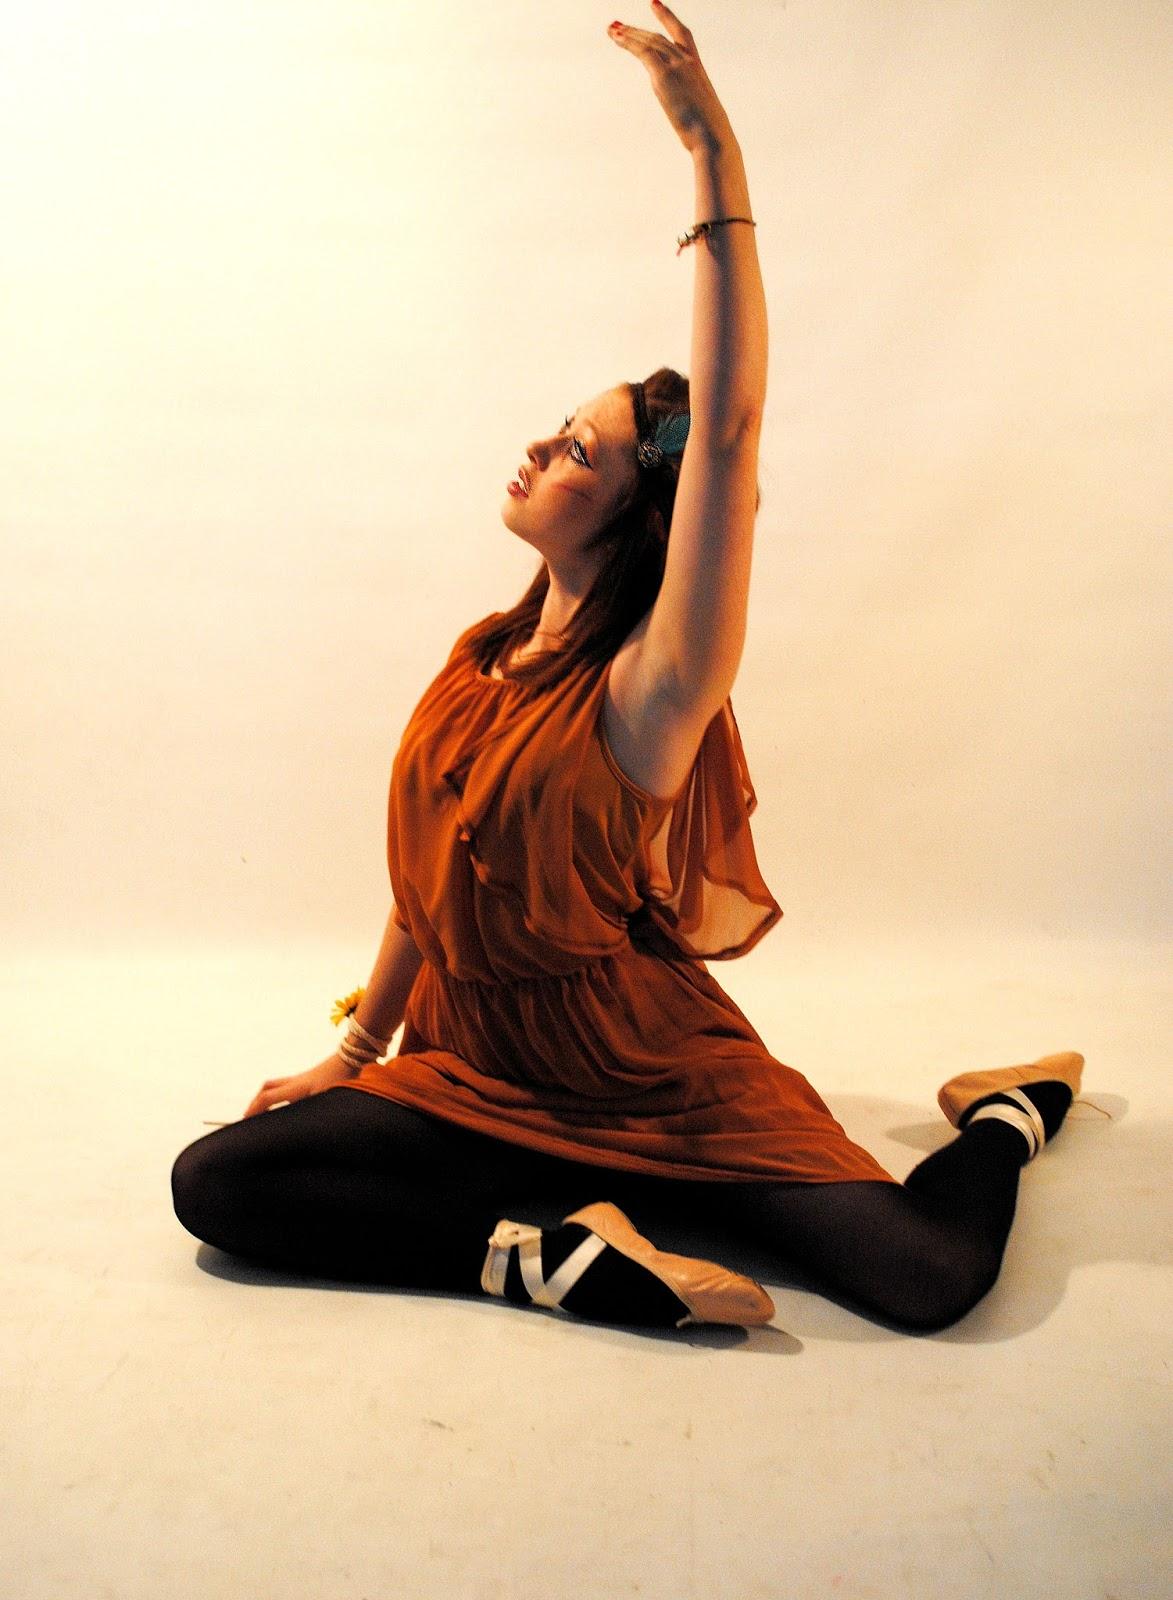 O obreiro aprovado, Blog Dança Cristã, Milene Oliveira, Estudos para Ministério de Dança,